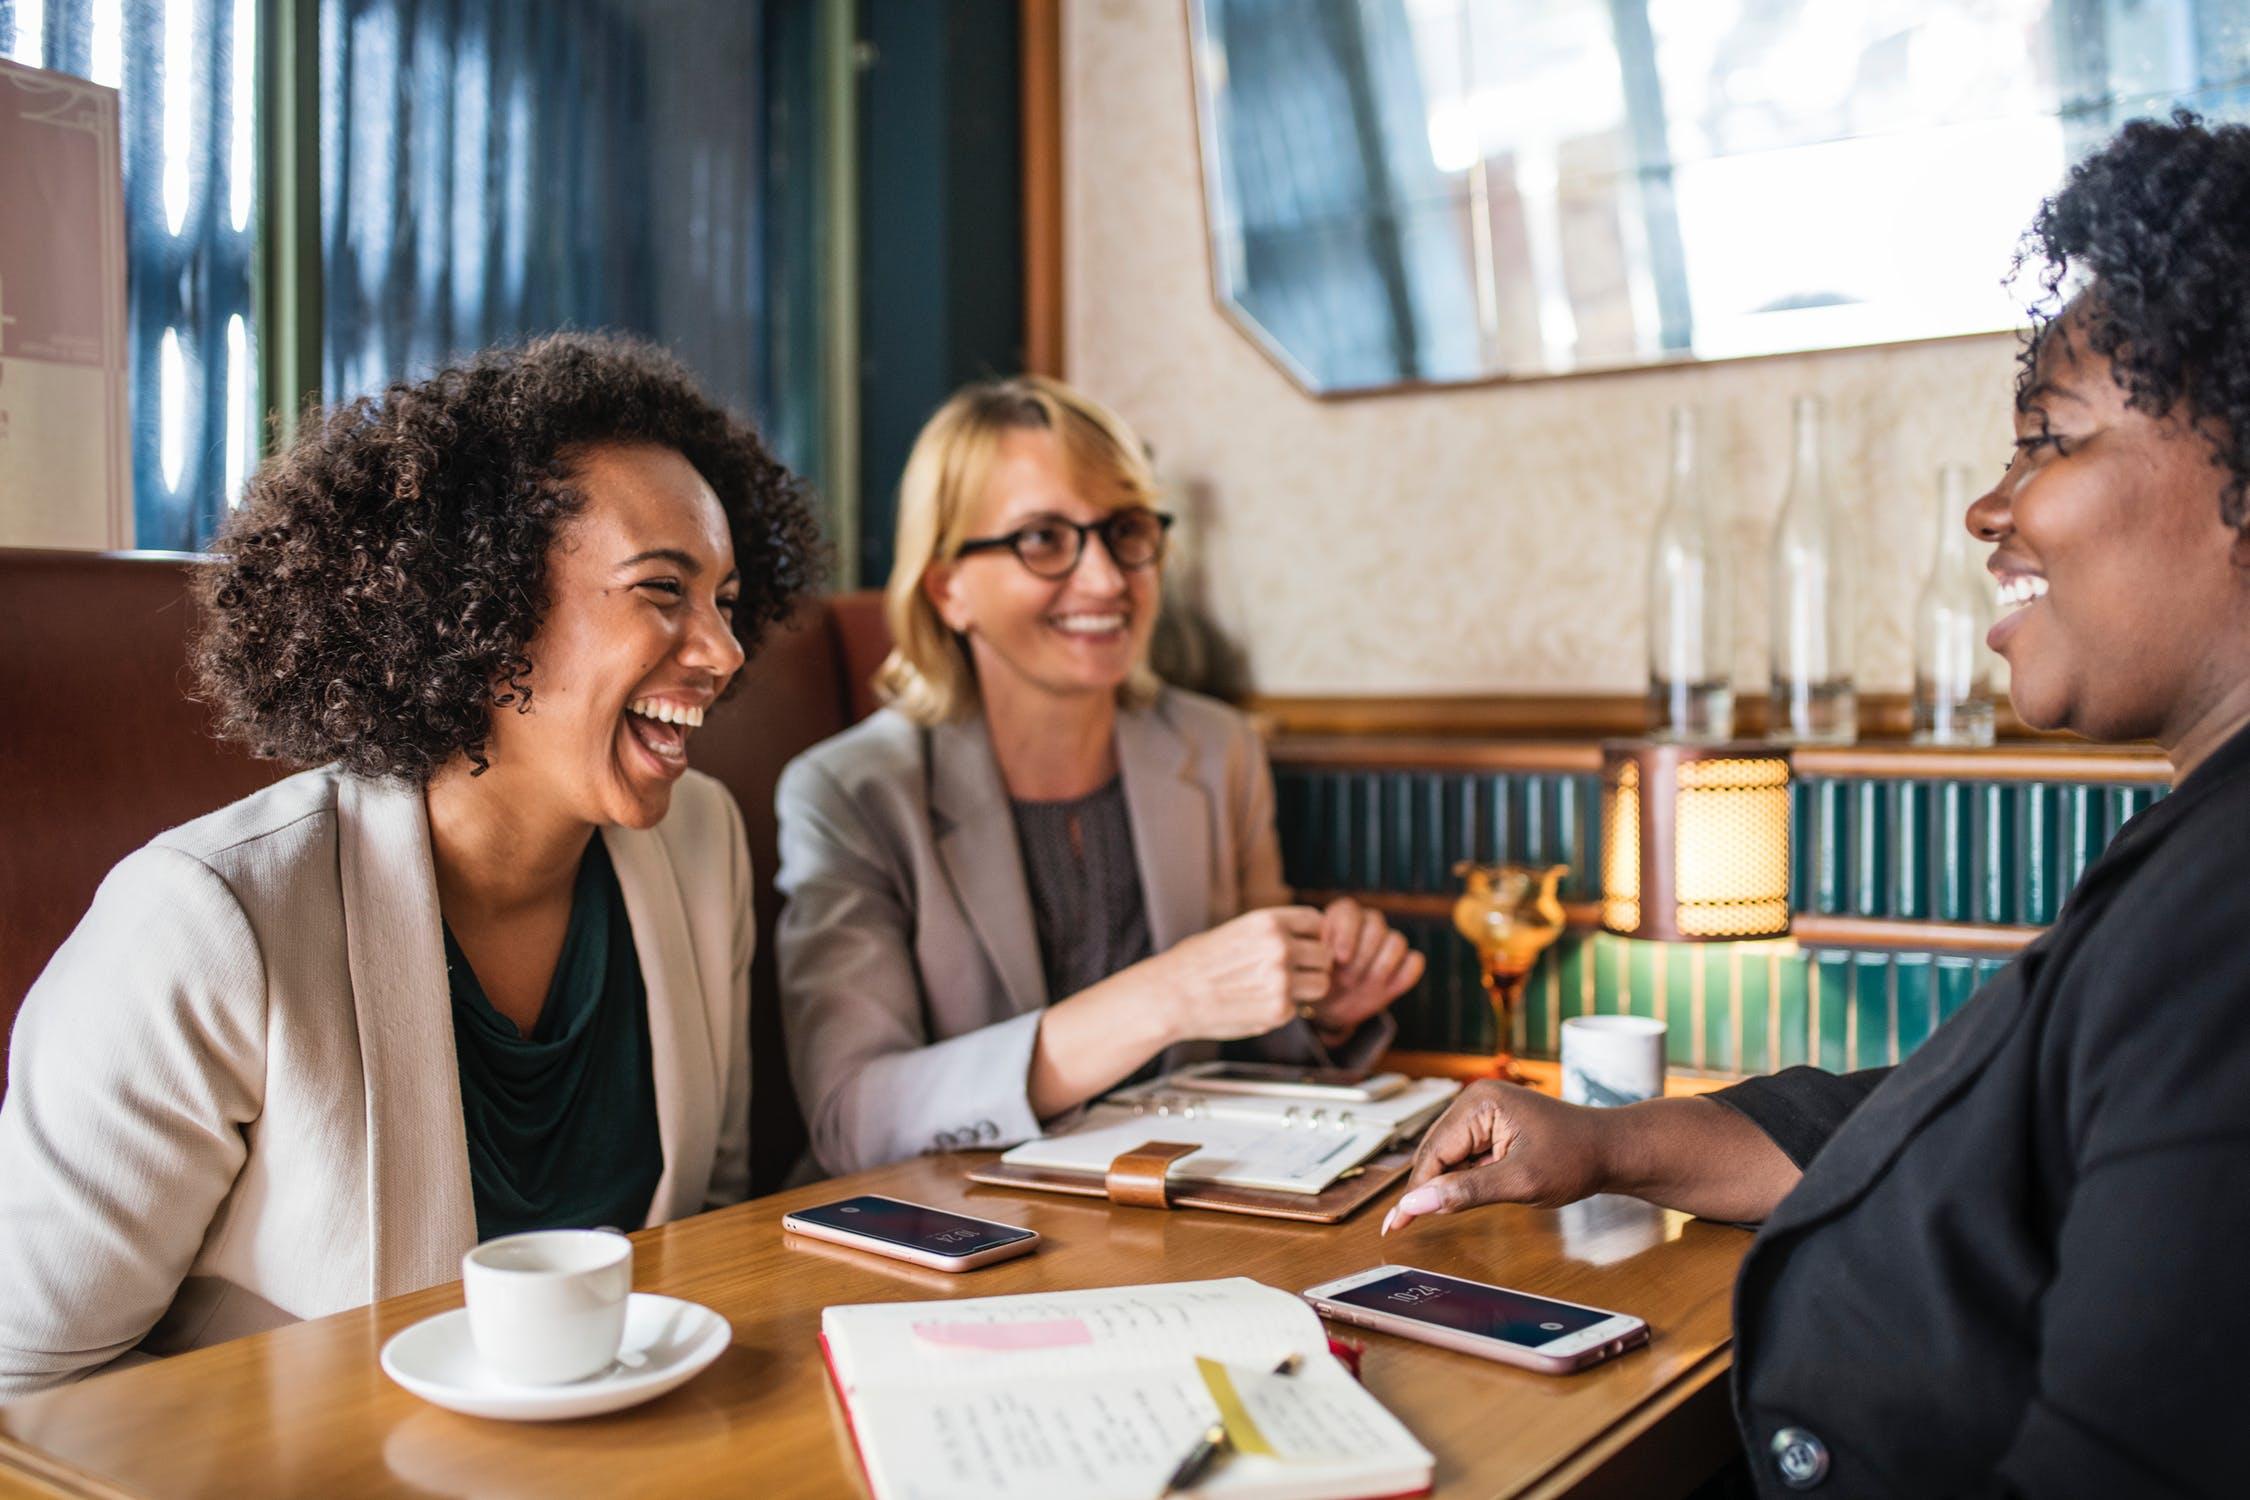 3women smiling.jpeg